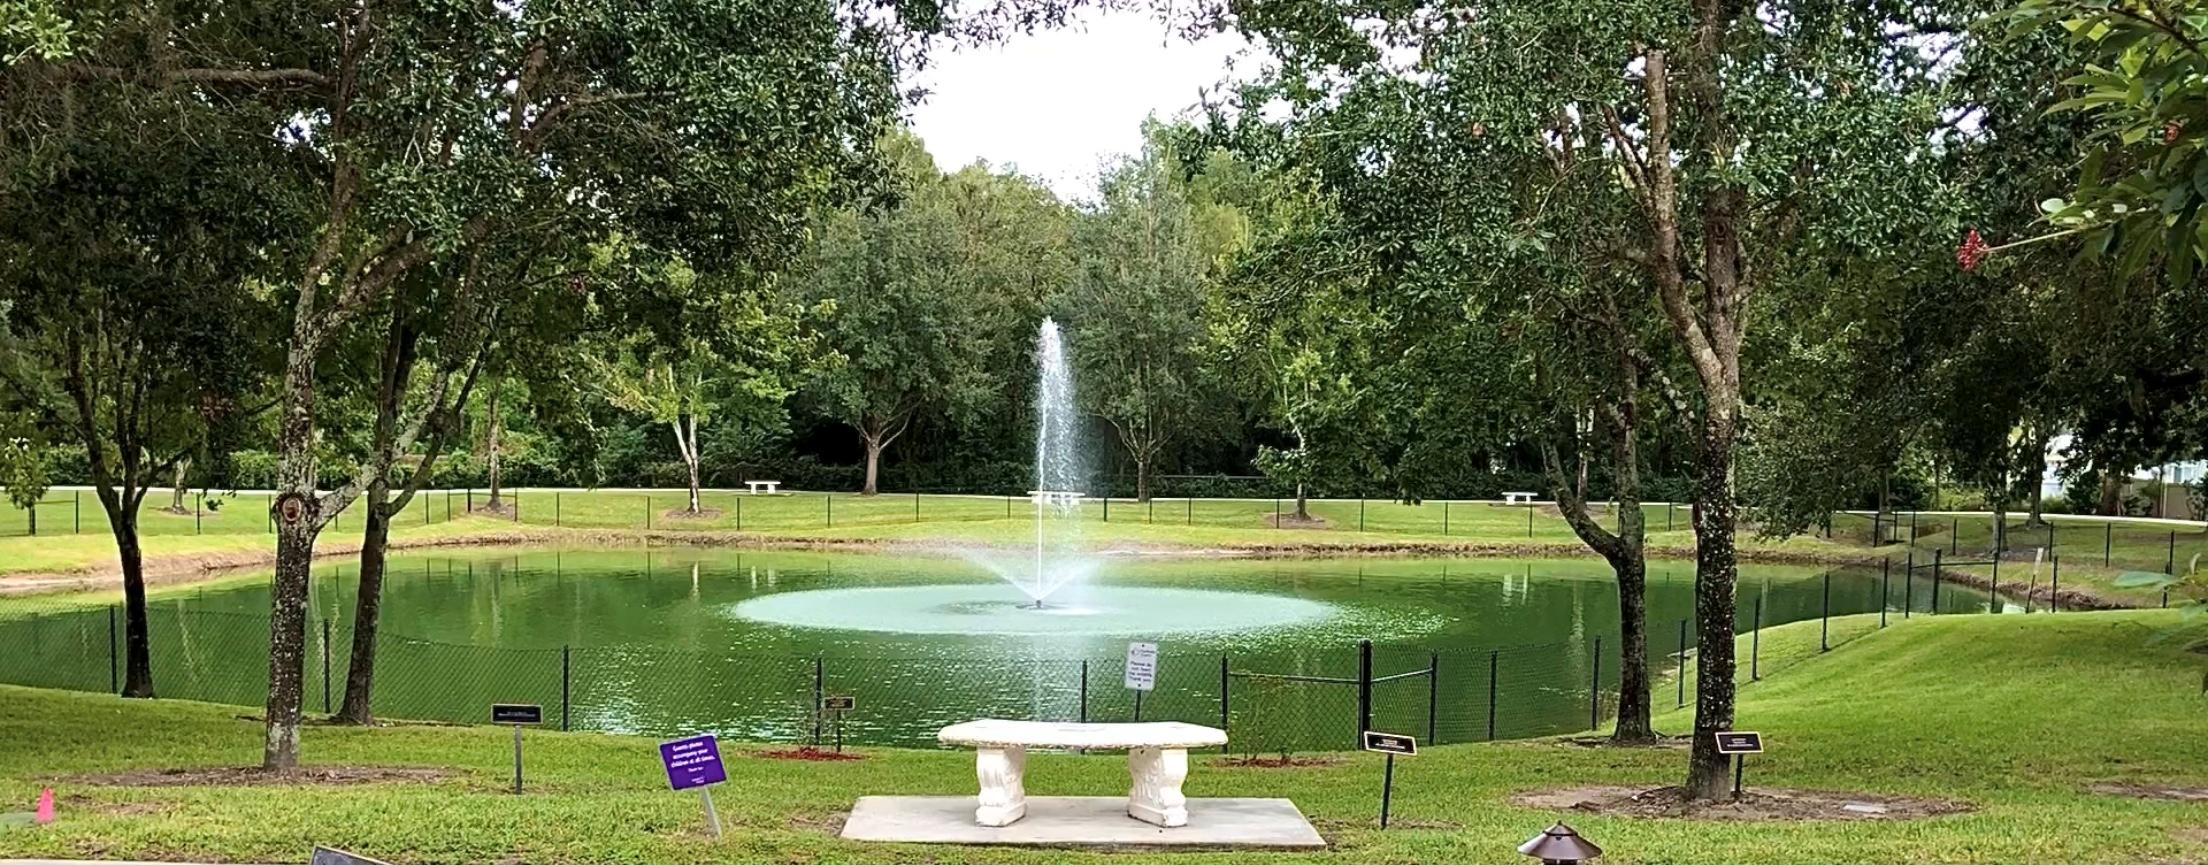 Rucki Pond Wide Shot